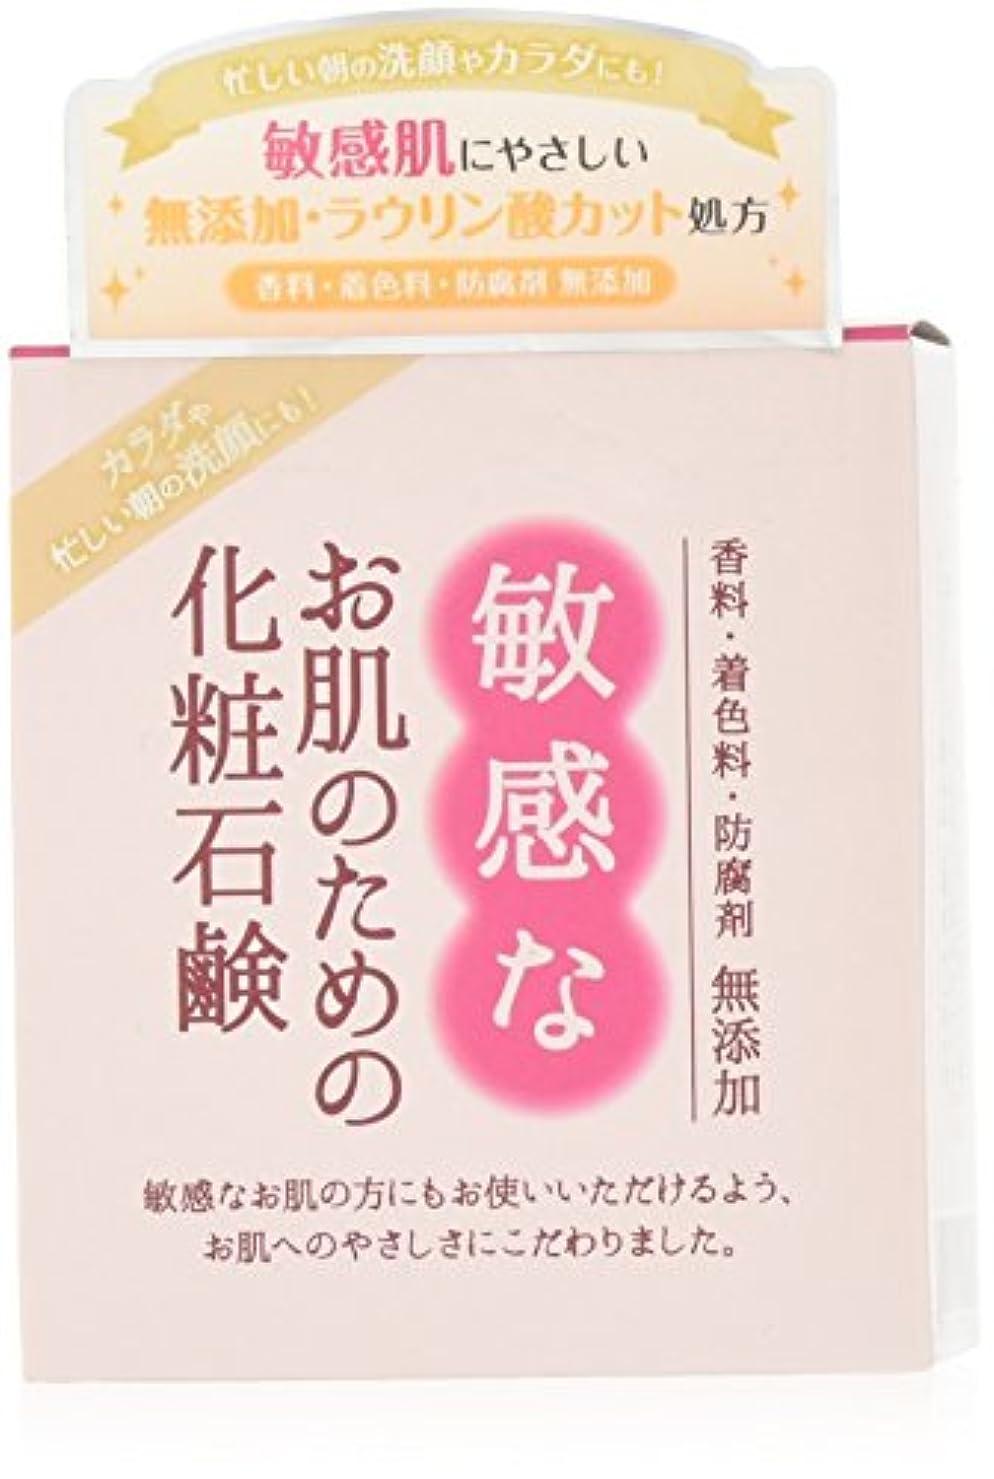 解決するモナリザフィッティング敏感なお肌のための化粧石鹸 100g CBH-S